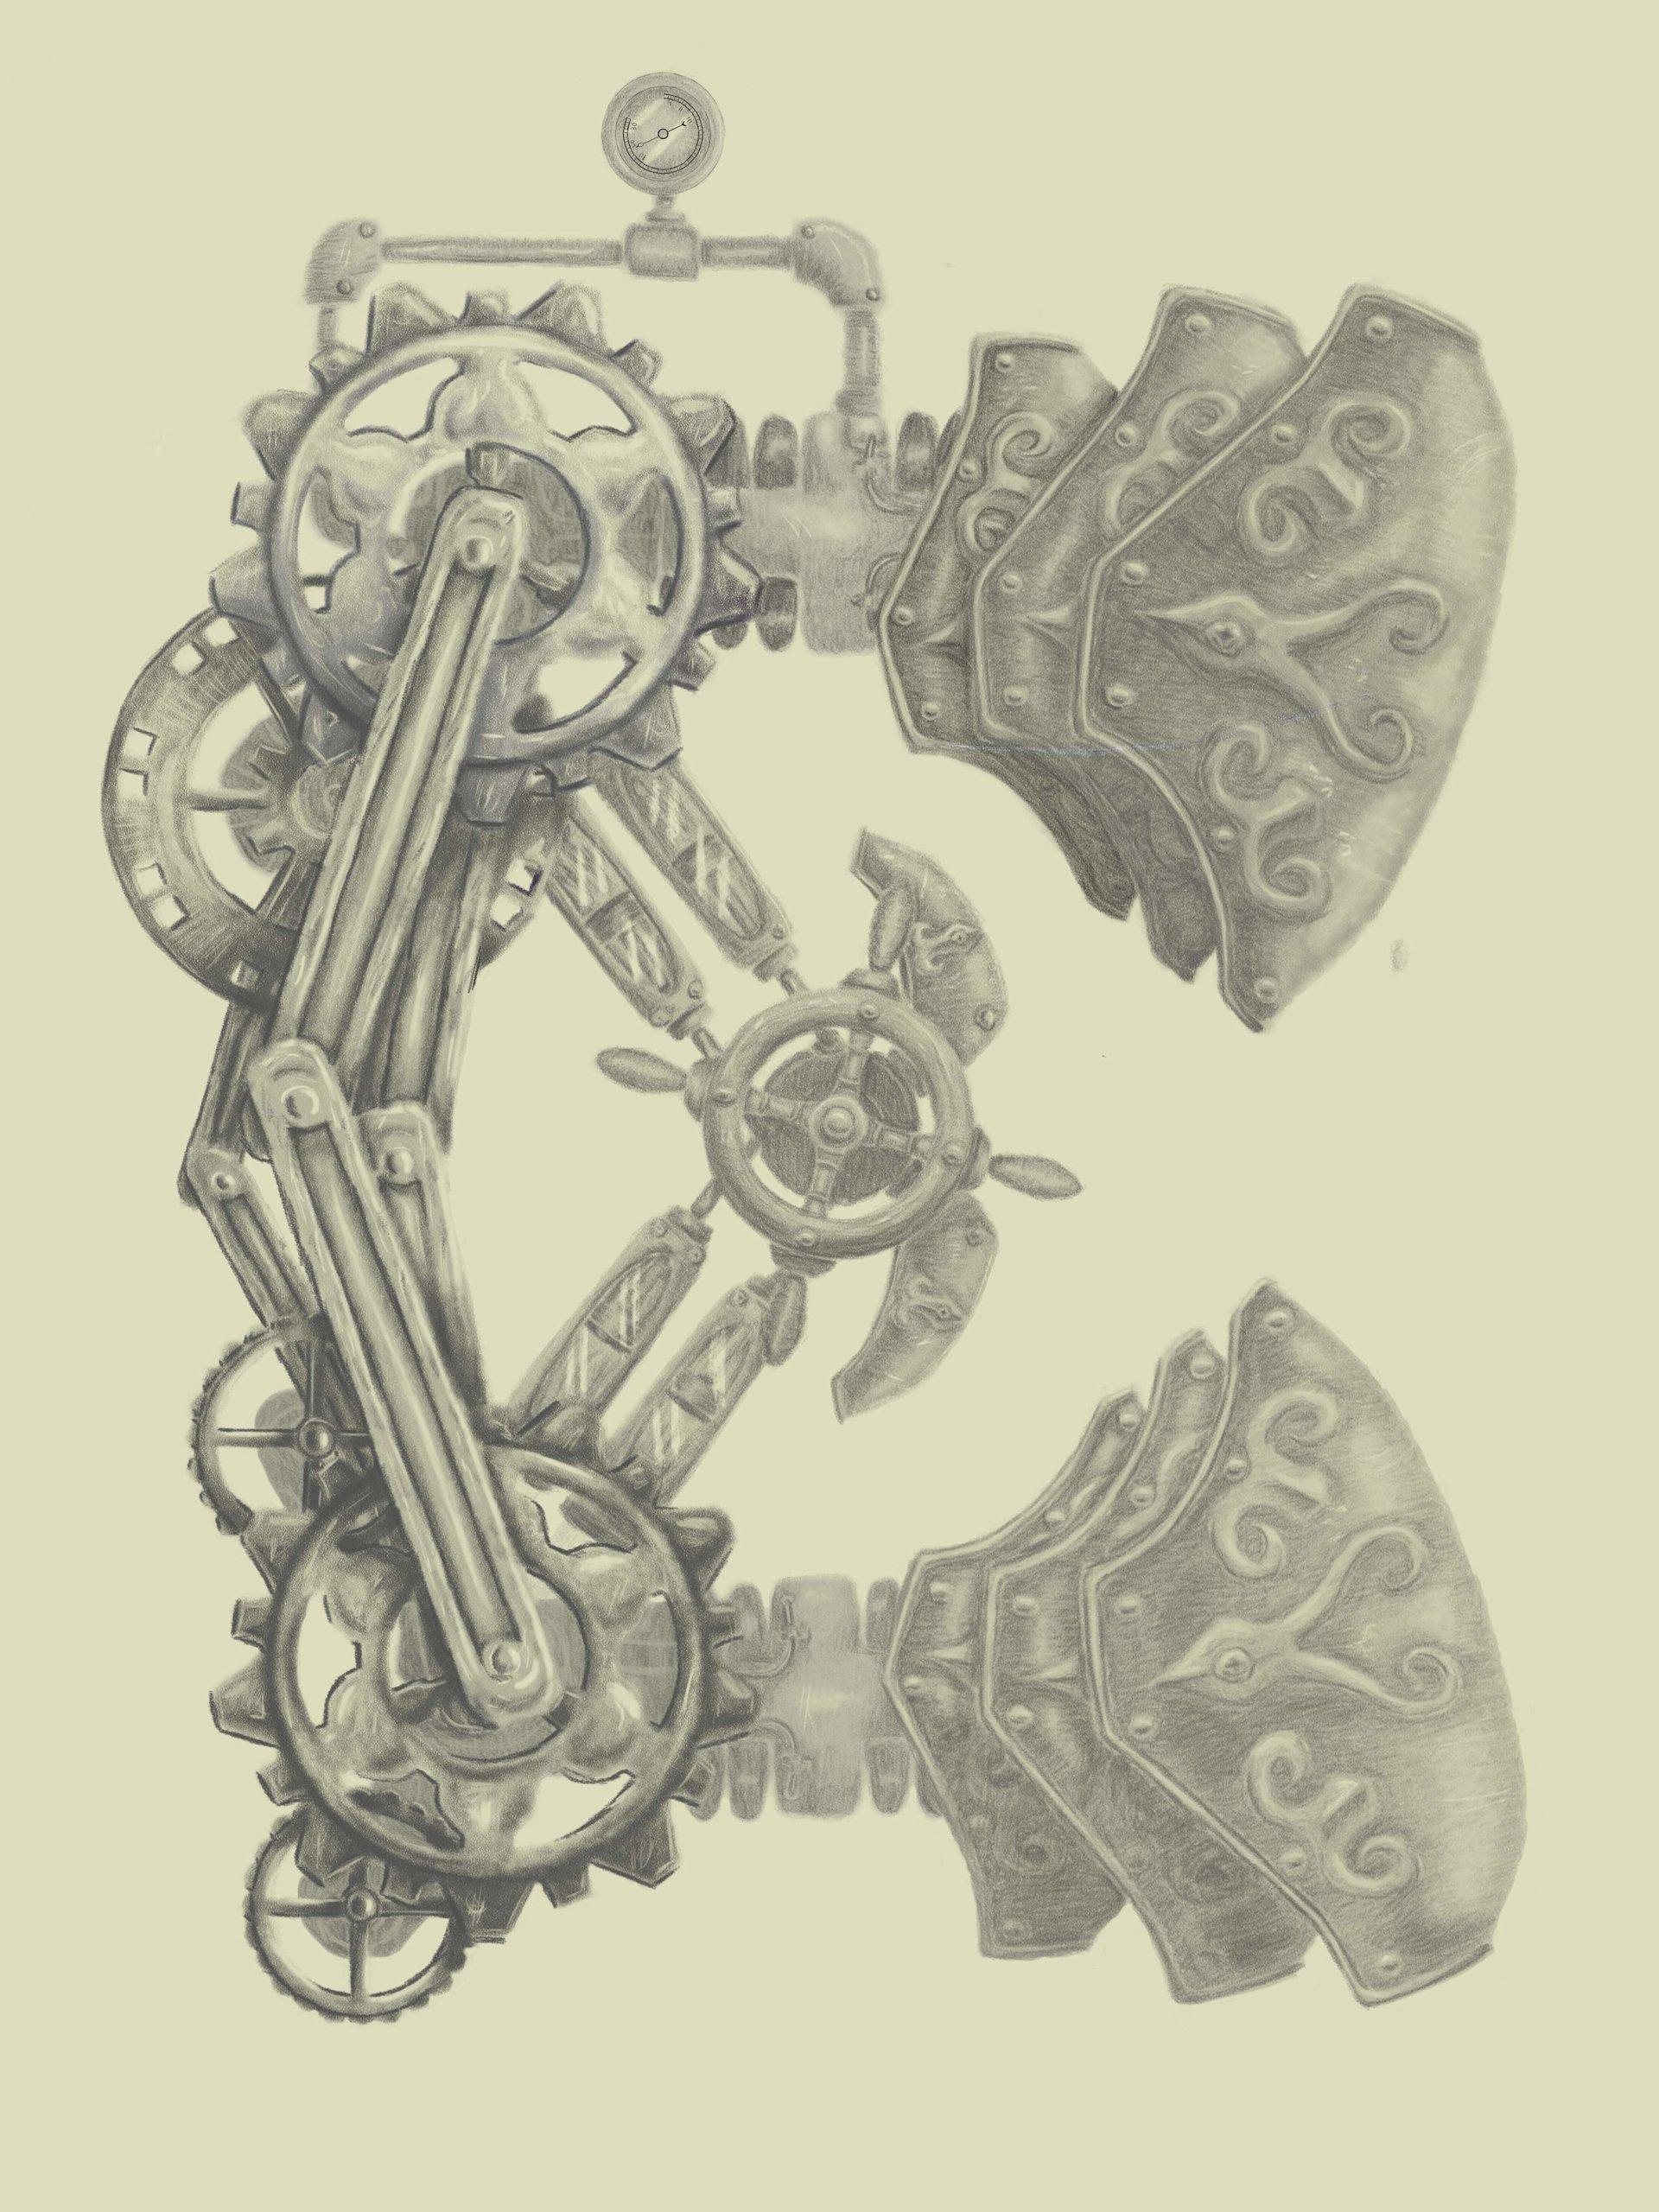 Emanuel pineiro letra steampunk 3